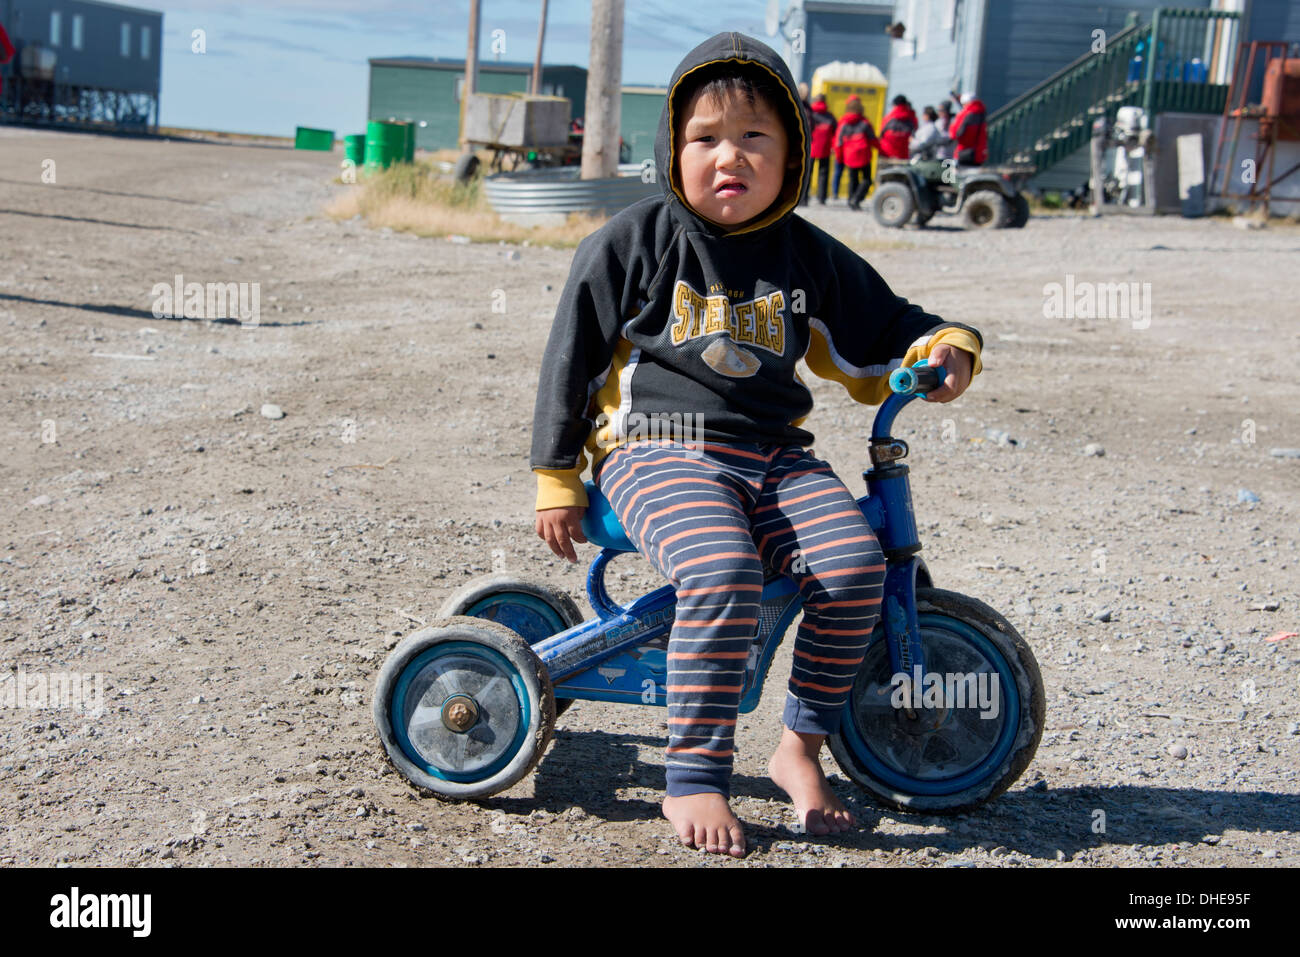 Fotos von nackten jungen eskimo mädchen